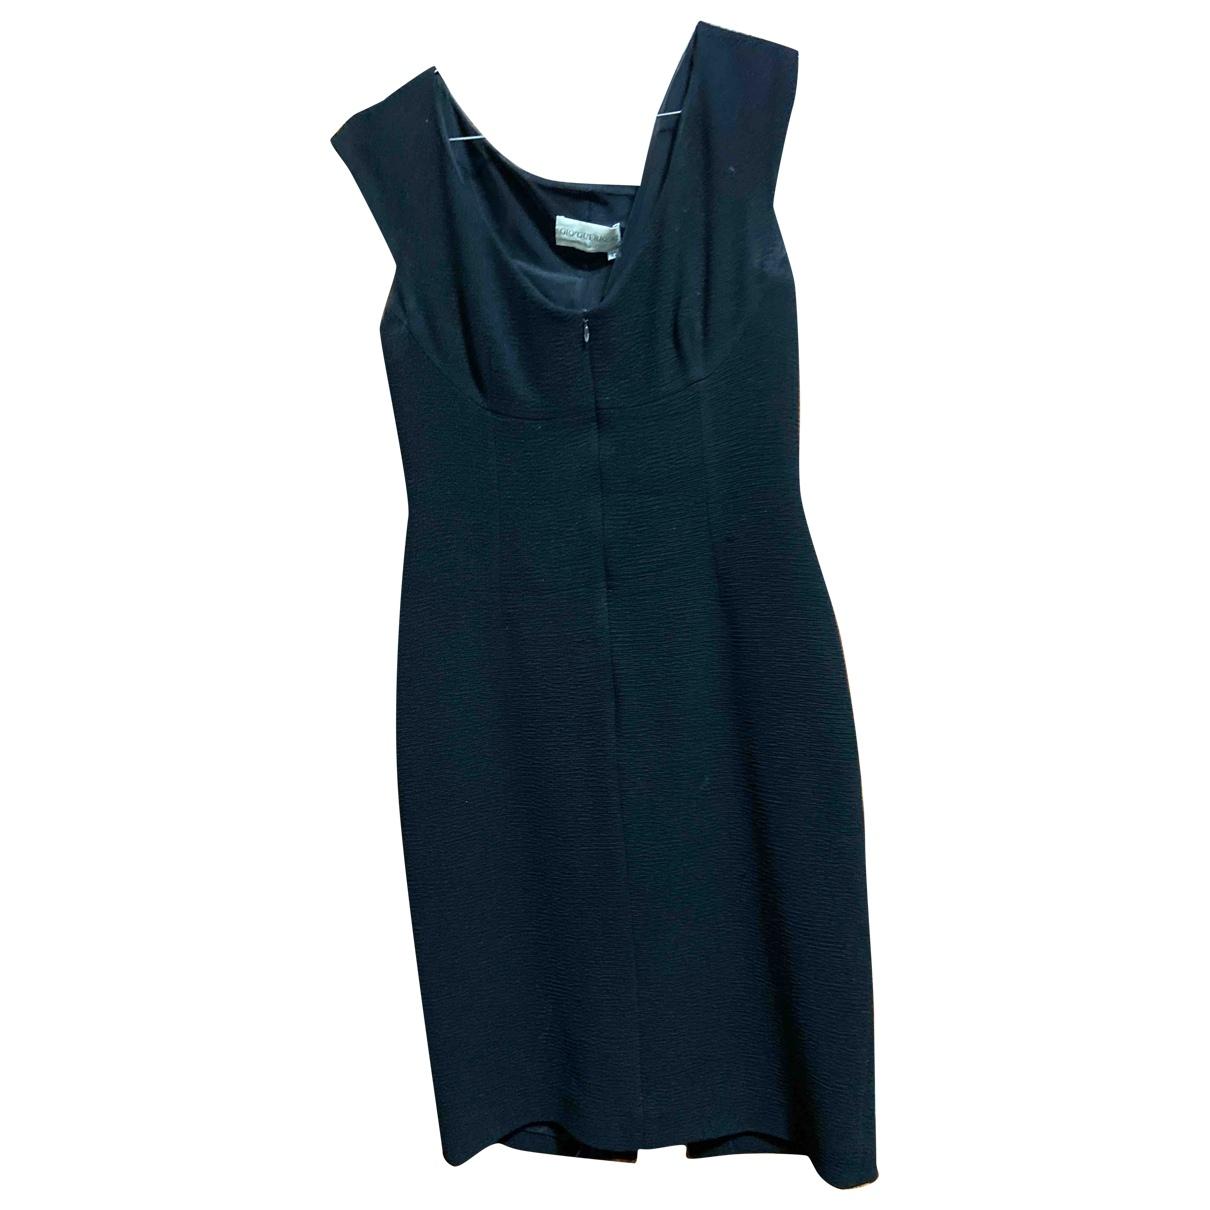 Gio Guerreri - Robe   pour femme en laine - noir